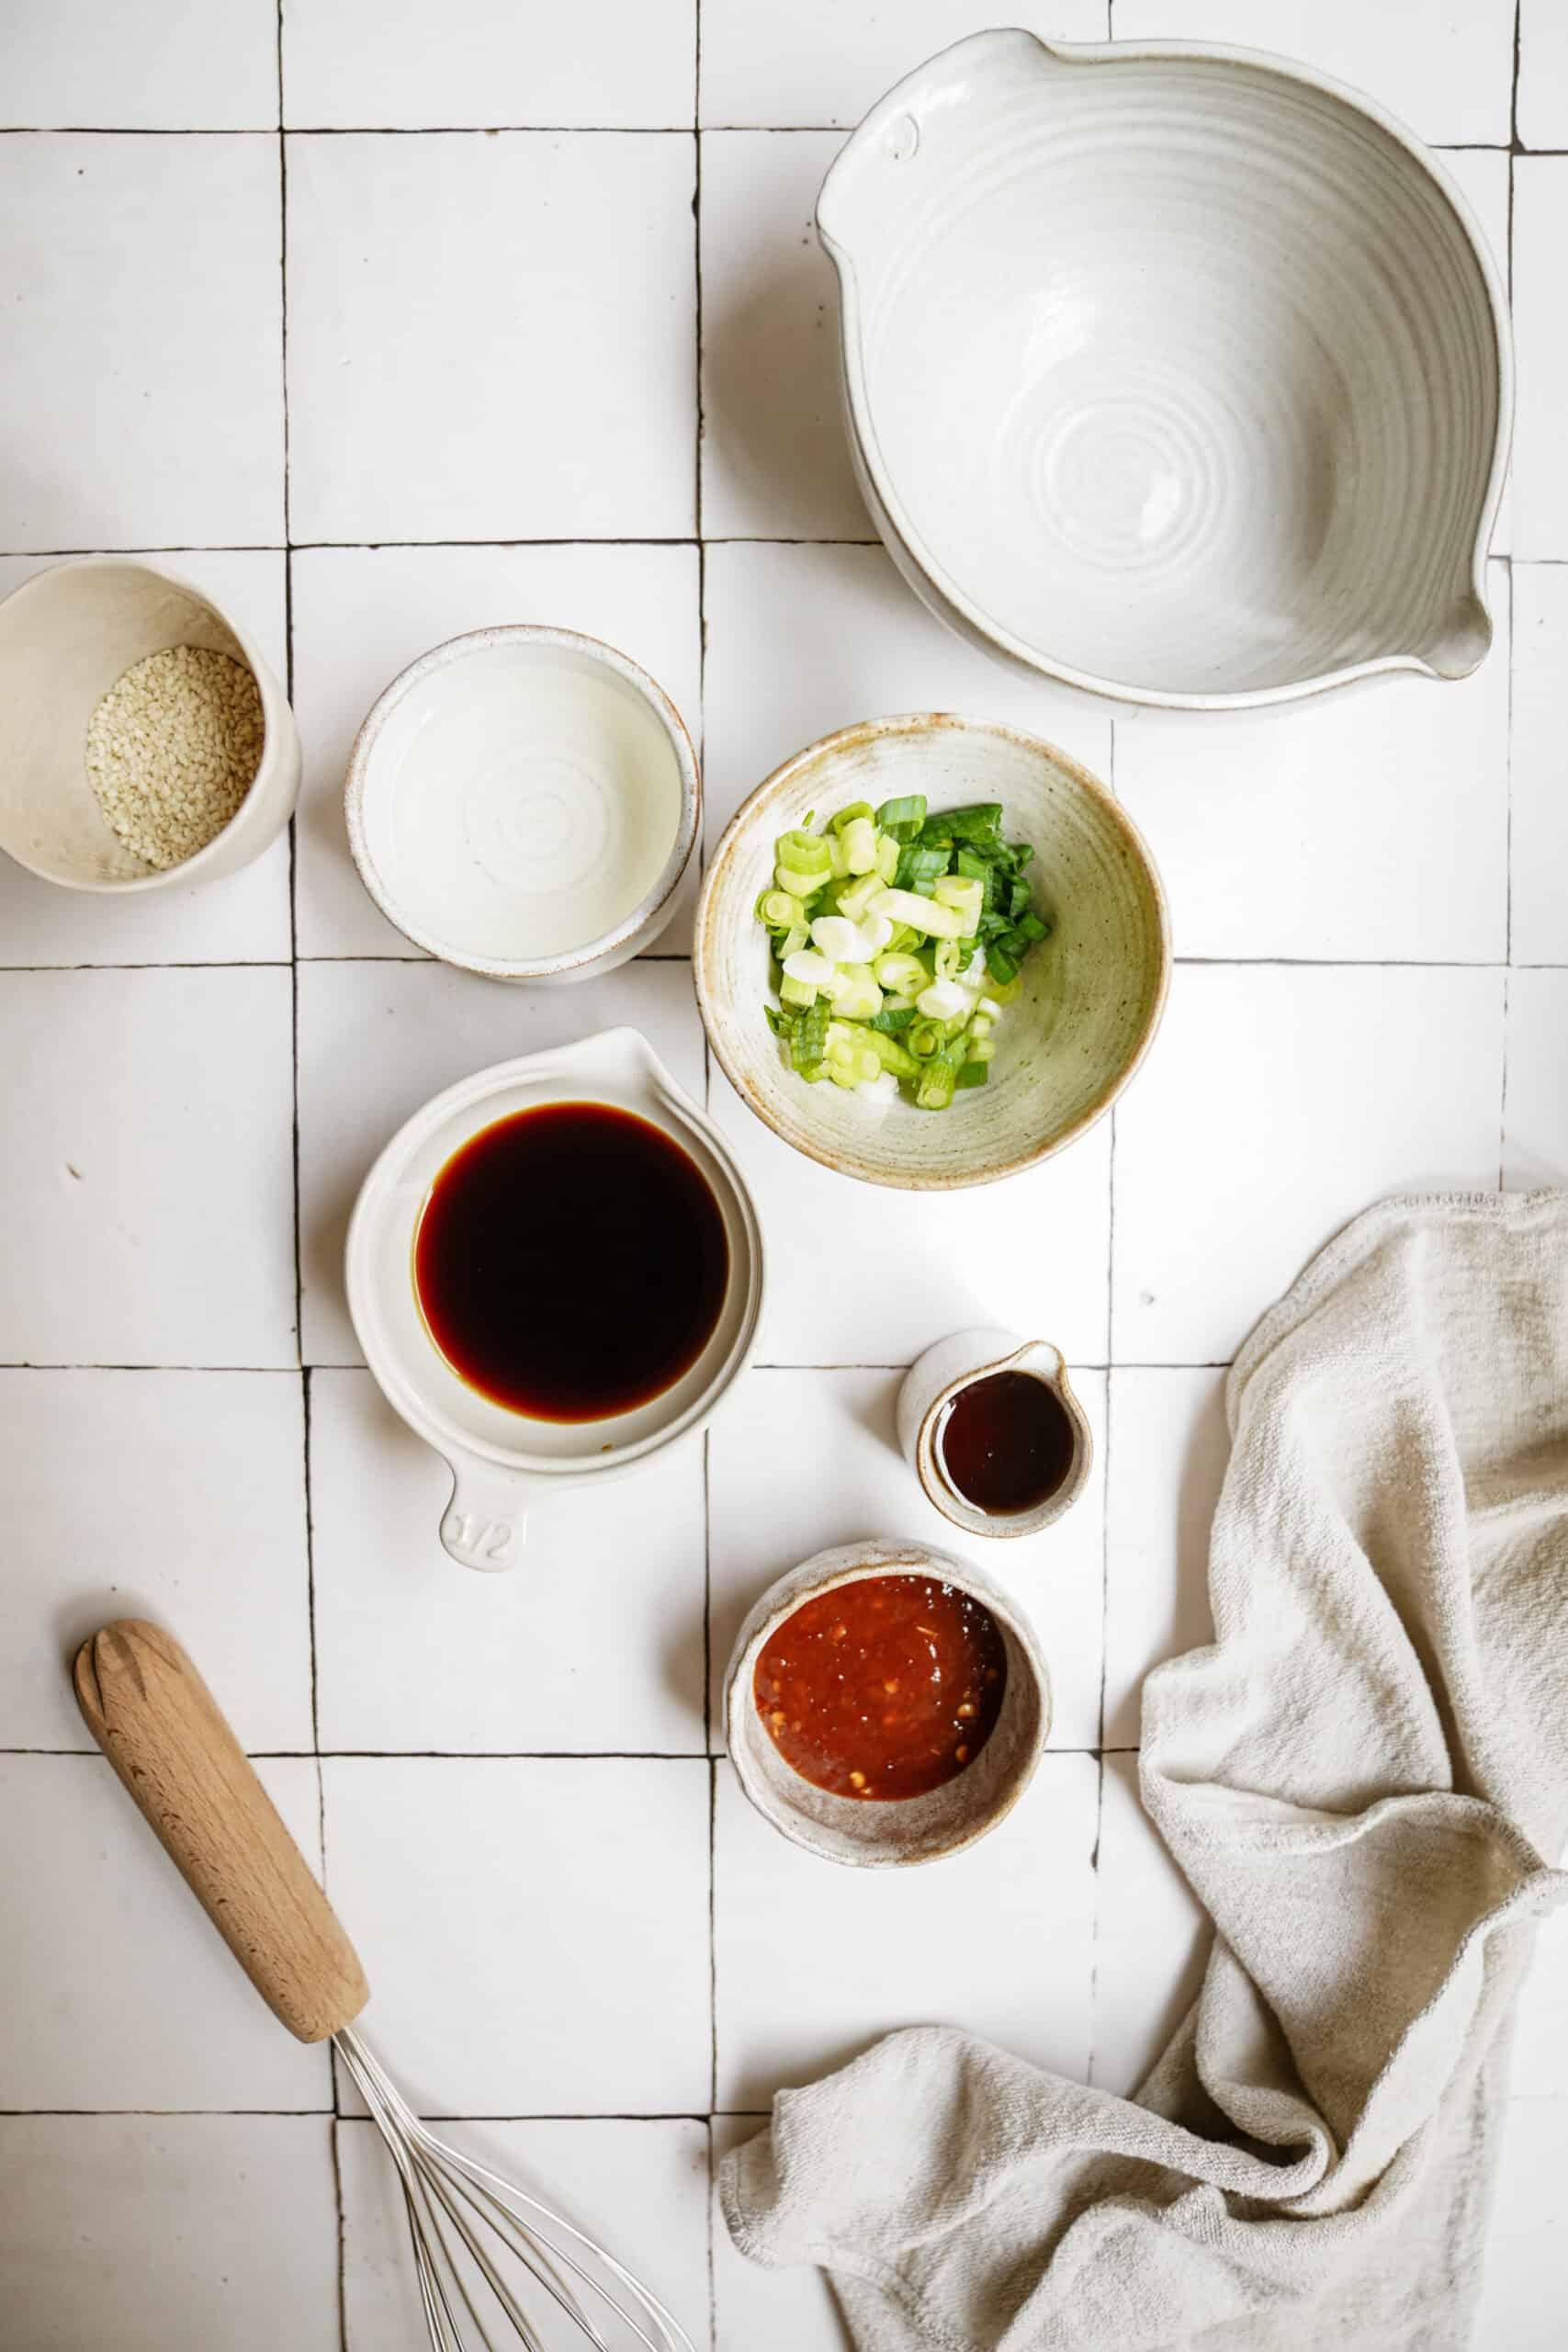 Ingredients for potsticker sauce